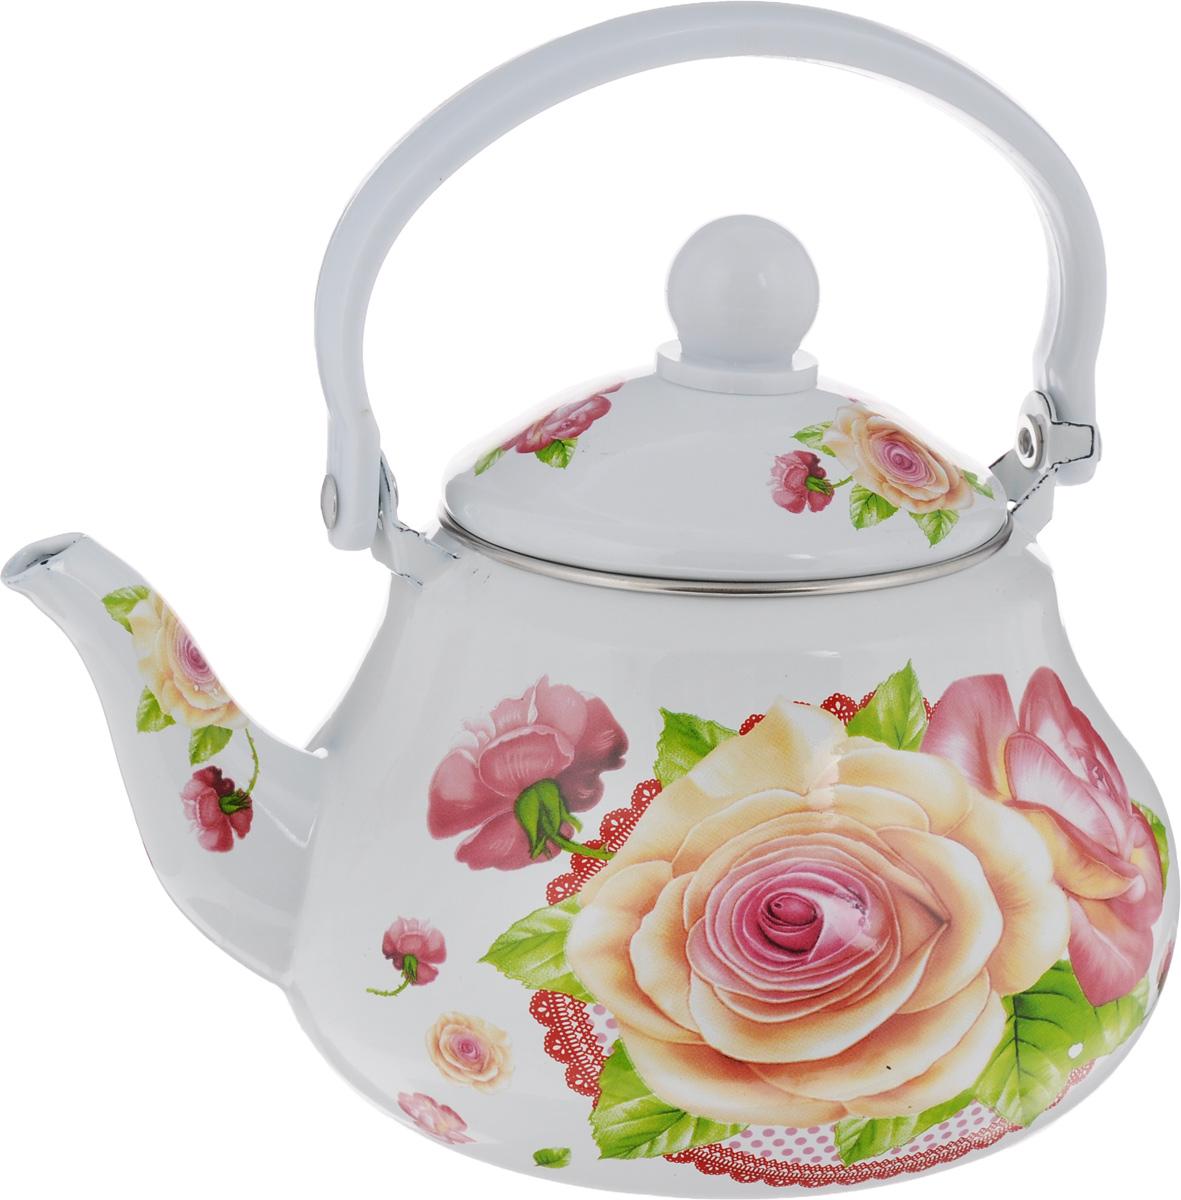 Чайник заварочный Mayer & Boch Розы, с ситечком, 1,5 л. 2398623986Чайник заварочный Mayer & Boch изготовлен из высококачественной углеродистой стали с эмалированным покрытием. Такой чайник гигиеничен и устойчив к износу при длительном использовании. Корпус чайника оформлен ярким цветочным рисунком. Чайник оснащен металлическим ситечком, который не позволит чаинкам попасть в чашку, при этом сохранит букет и насыщенность чая. Изделие подходит для всех видов плит, включая индукционные. Можно мыть в посудомоечной машине. Высота чайника (без учета ручки и крышки): 11,5 см.Высота чайника (с учетом ручки и крышки): 21 см.Диаметр индукционного дна: 9 см. Диаметр (по верхнему краю): 10 см.